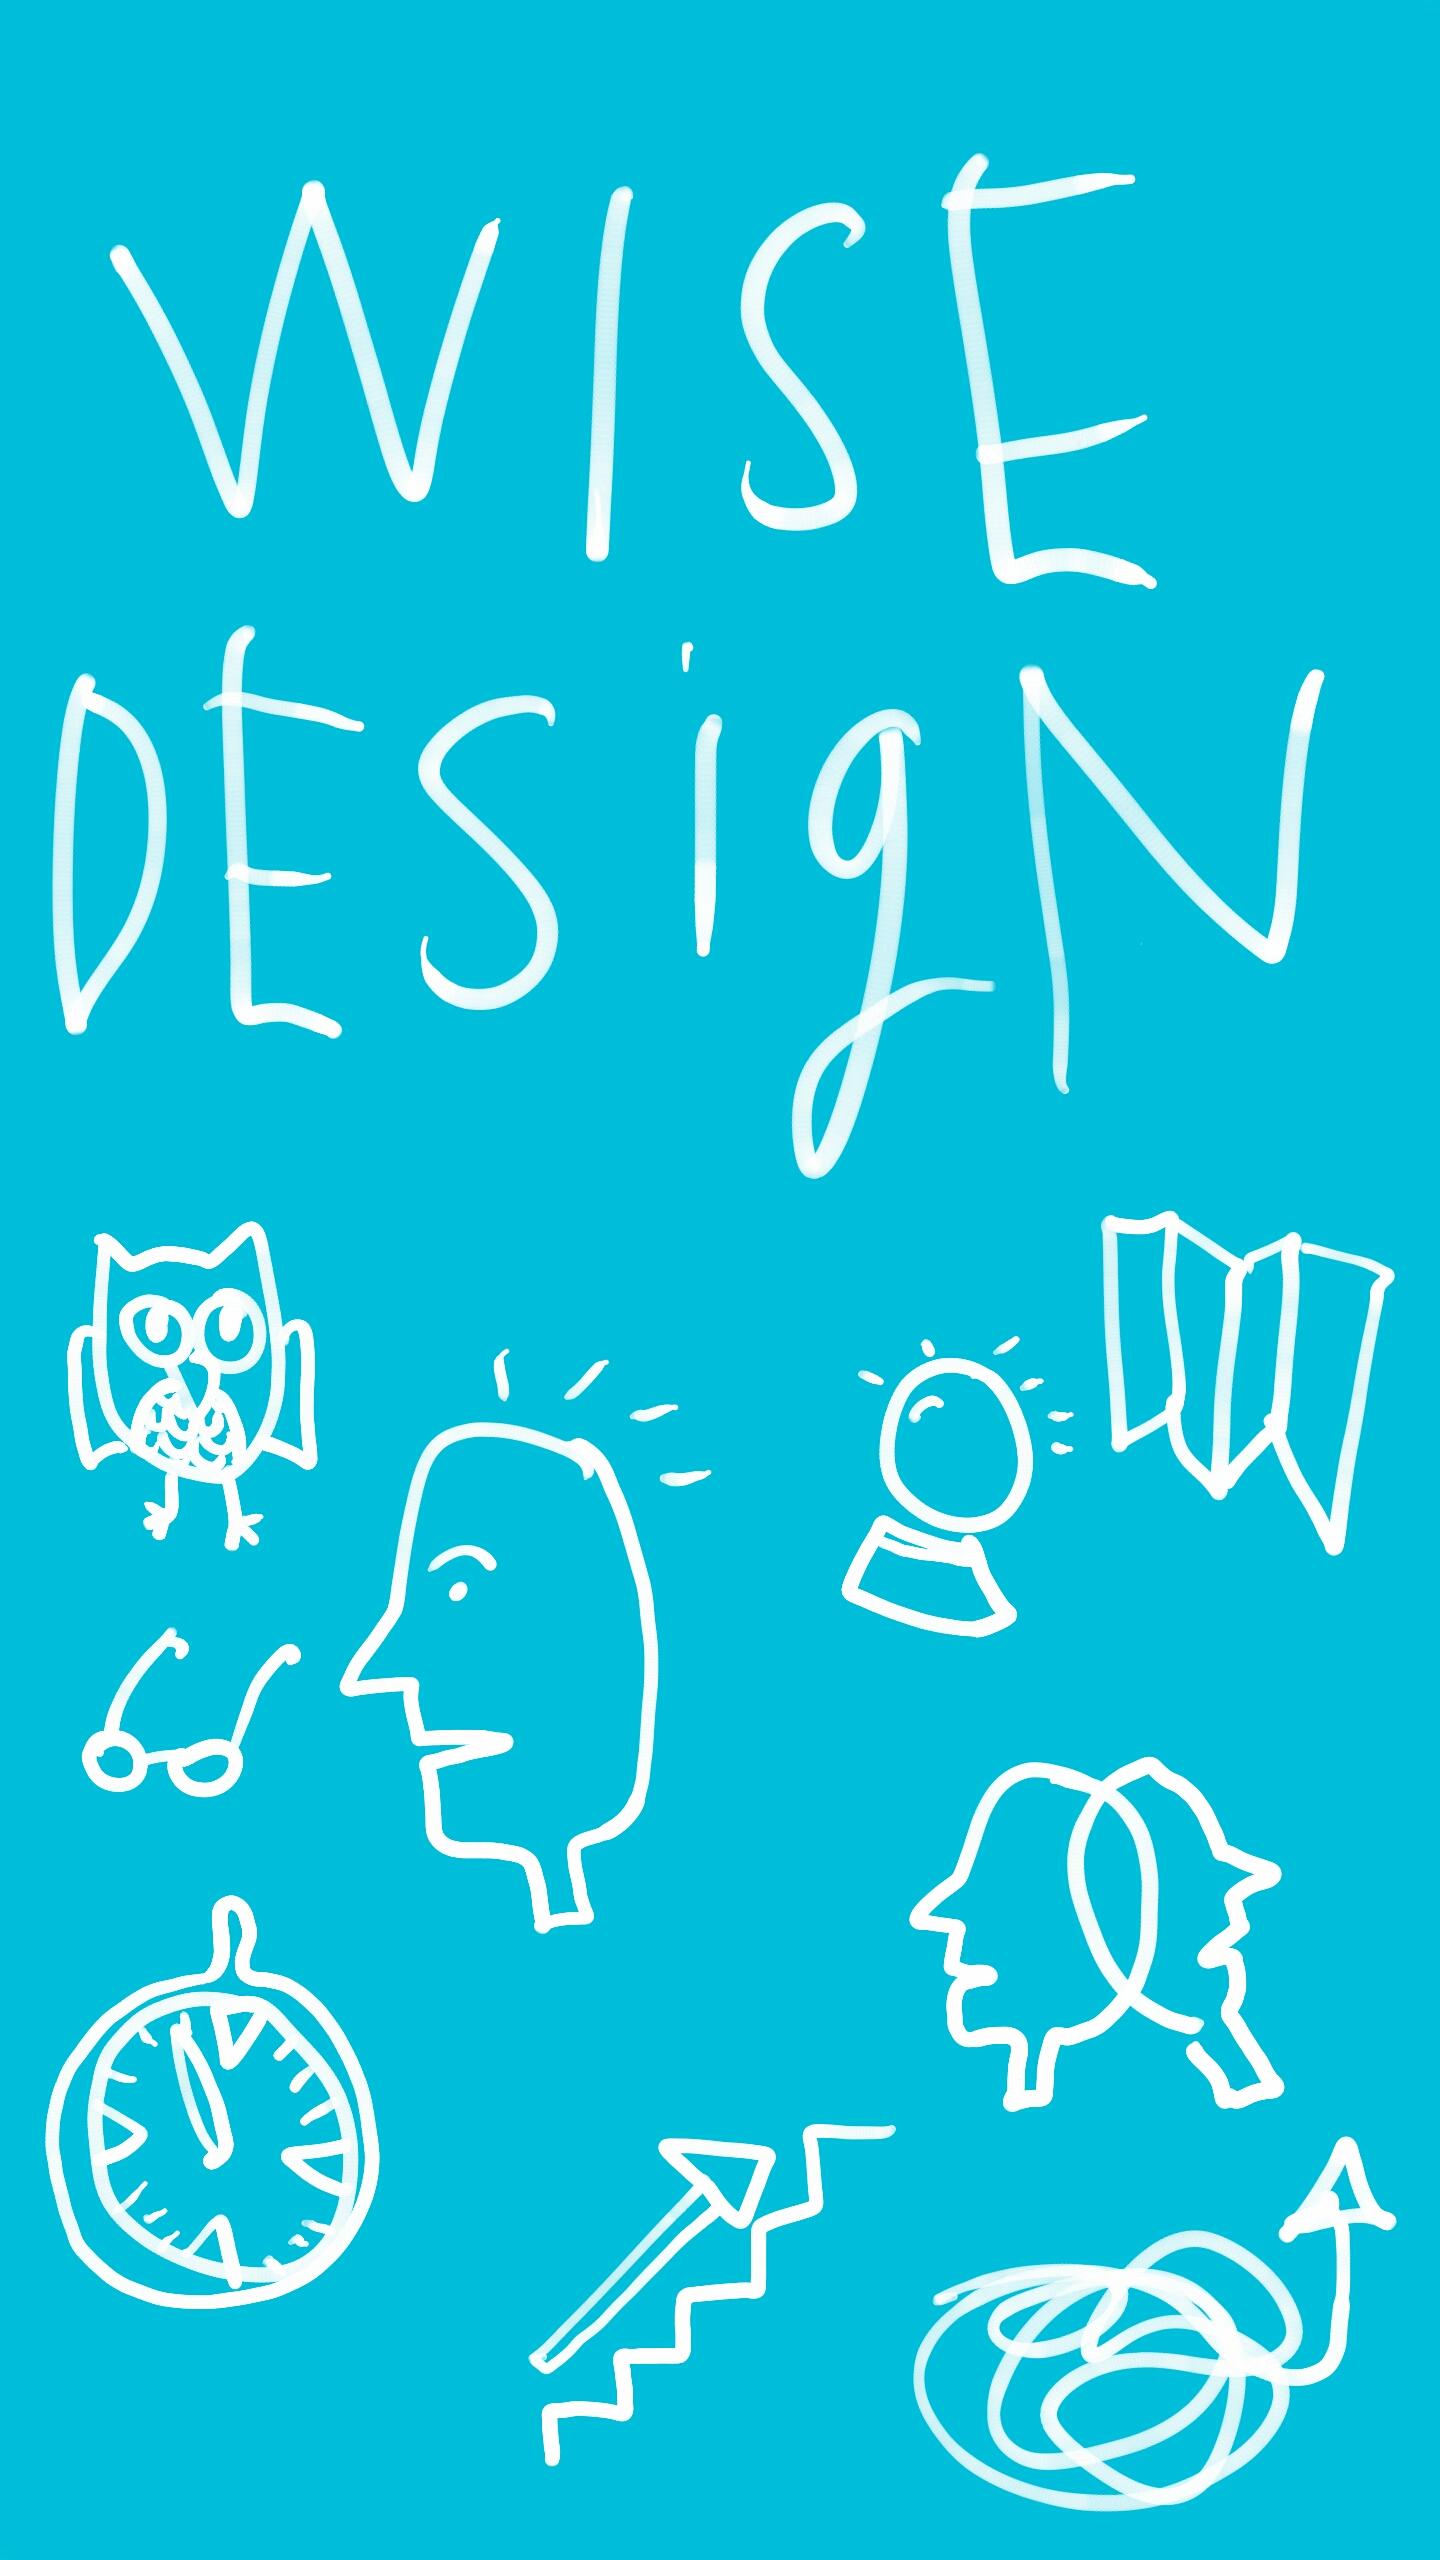 Wise Design - designing for smarter decision making